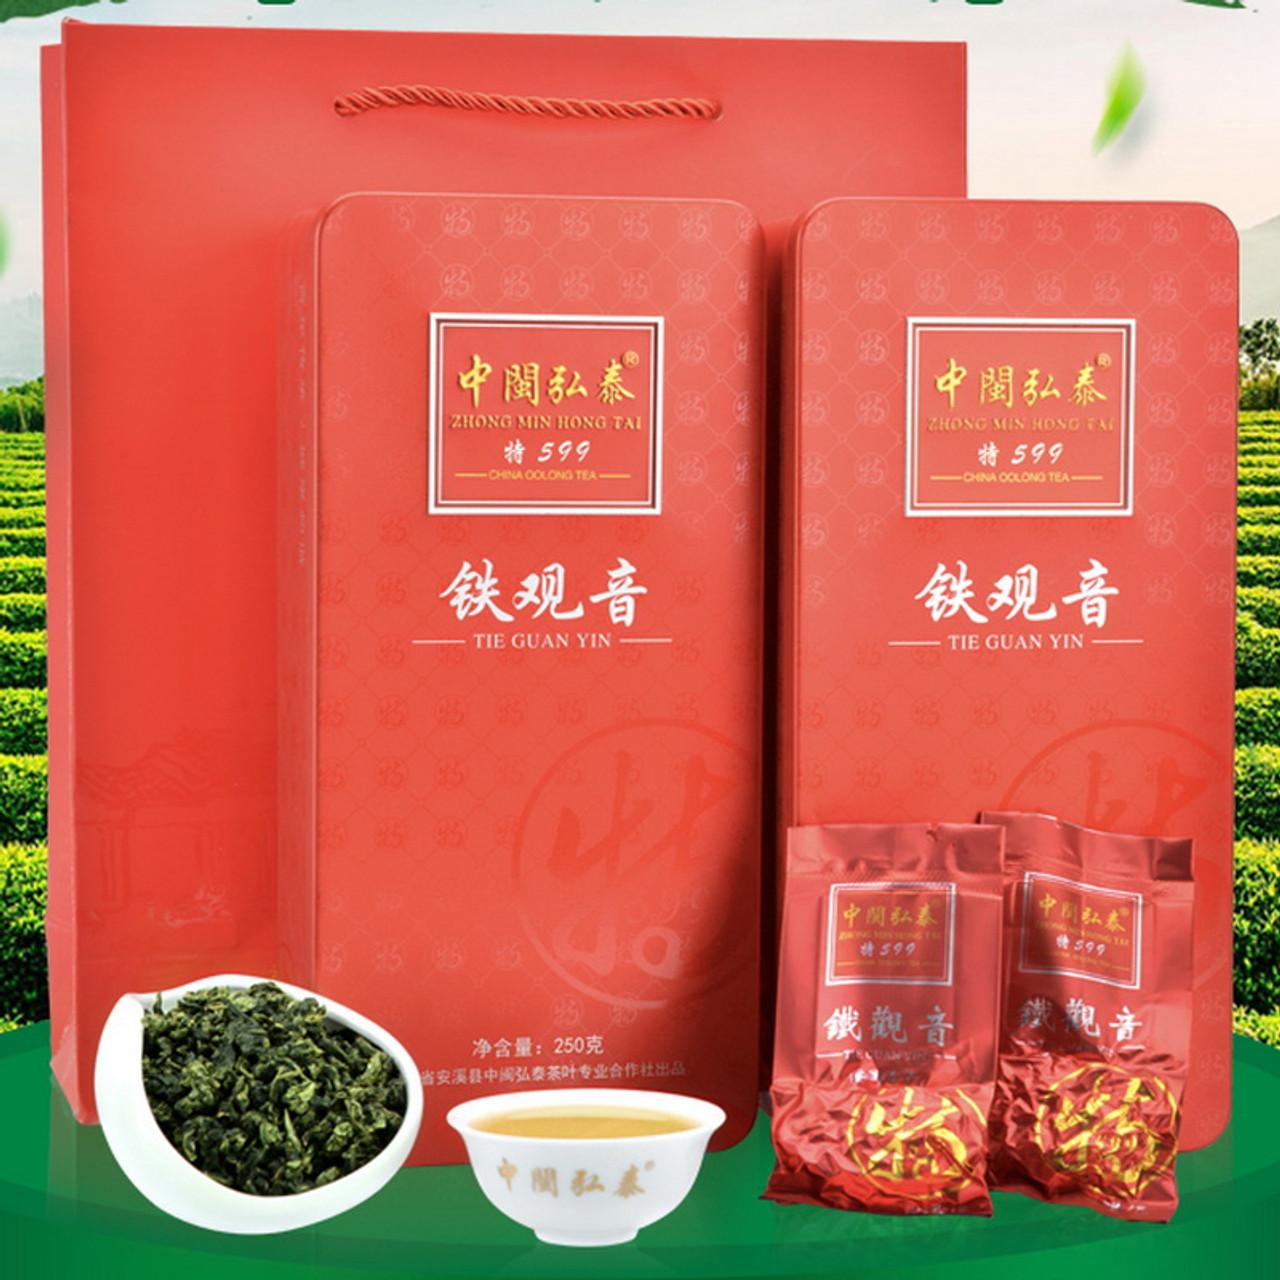 ZHONG MIN HONG TAI Brand Nongxiang Anxi Tie Guan Yin Chinese Oolong Tea  10g10